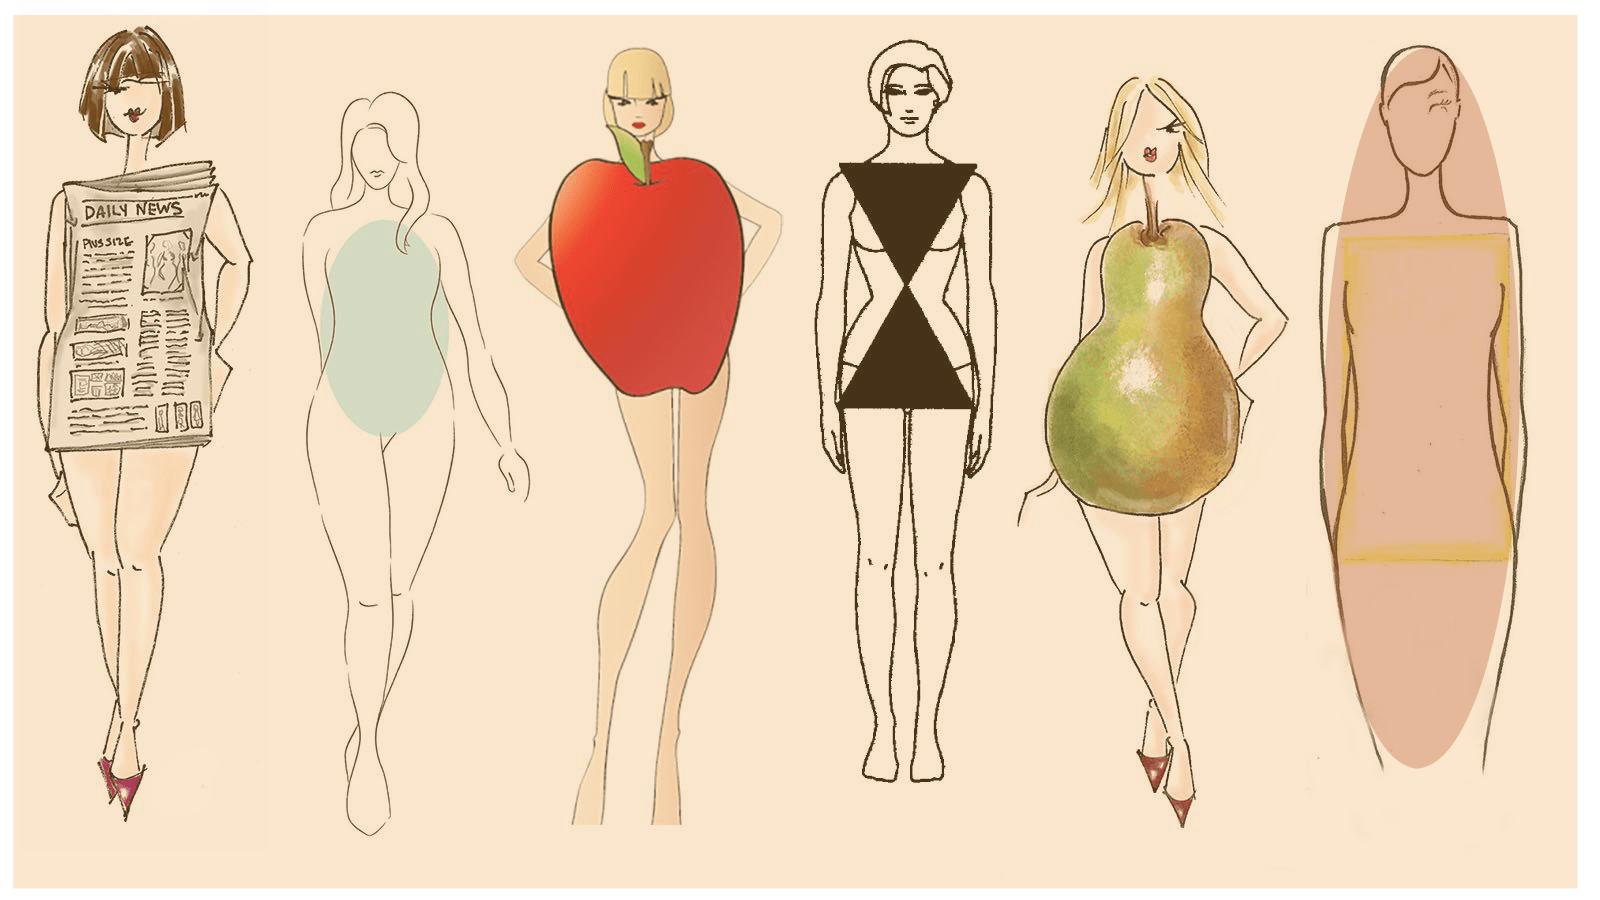 لباس عروس متناسب با اندام هر فرد کدام است- انواع فرم بدن در افراد